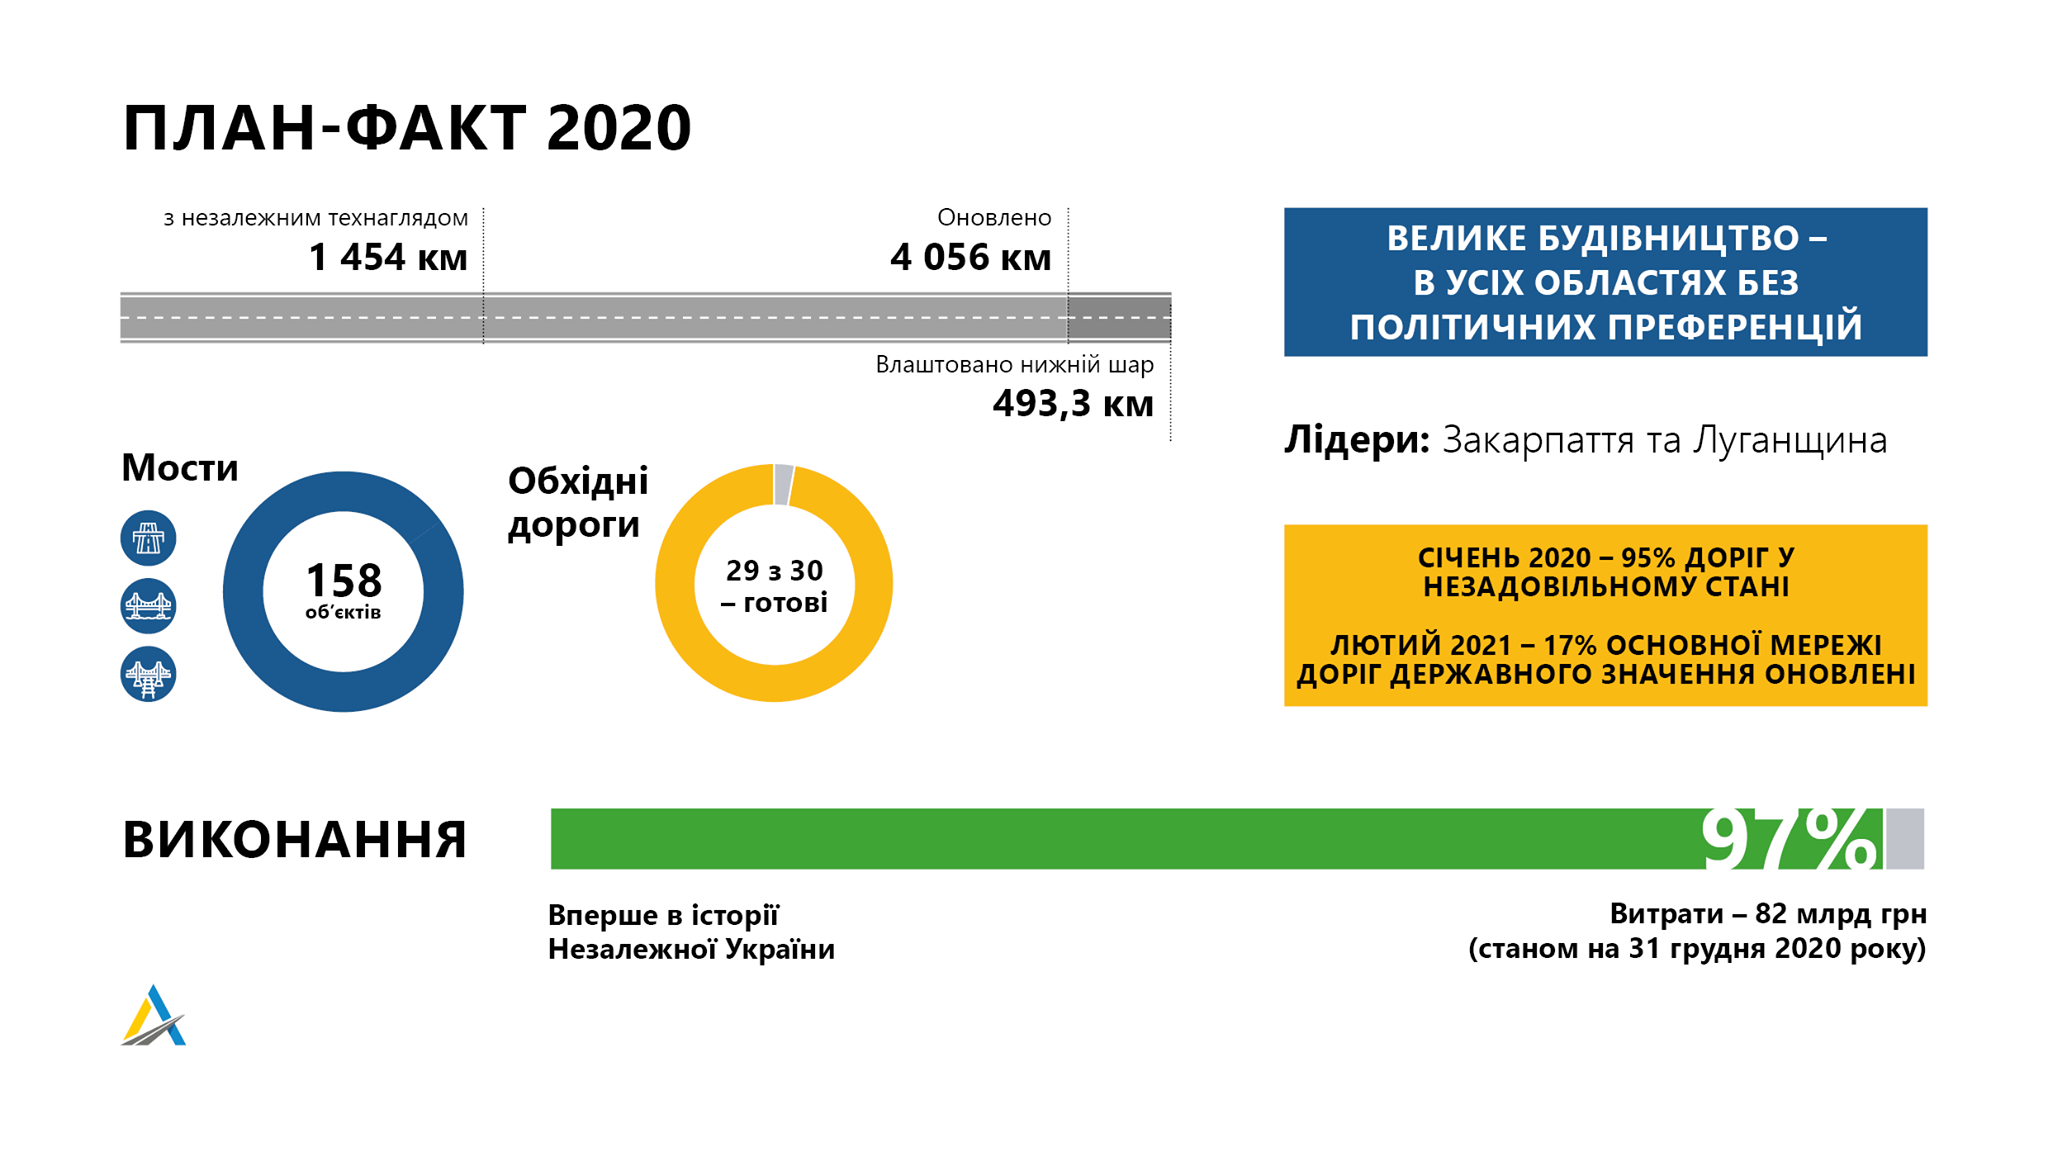 Укравтодор за два года собирается установить рекорд 1